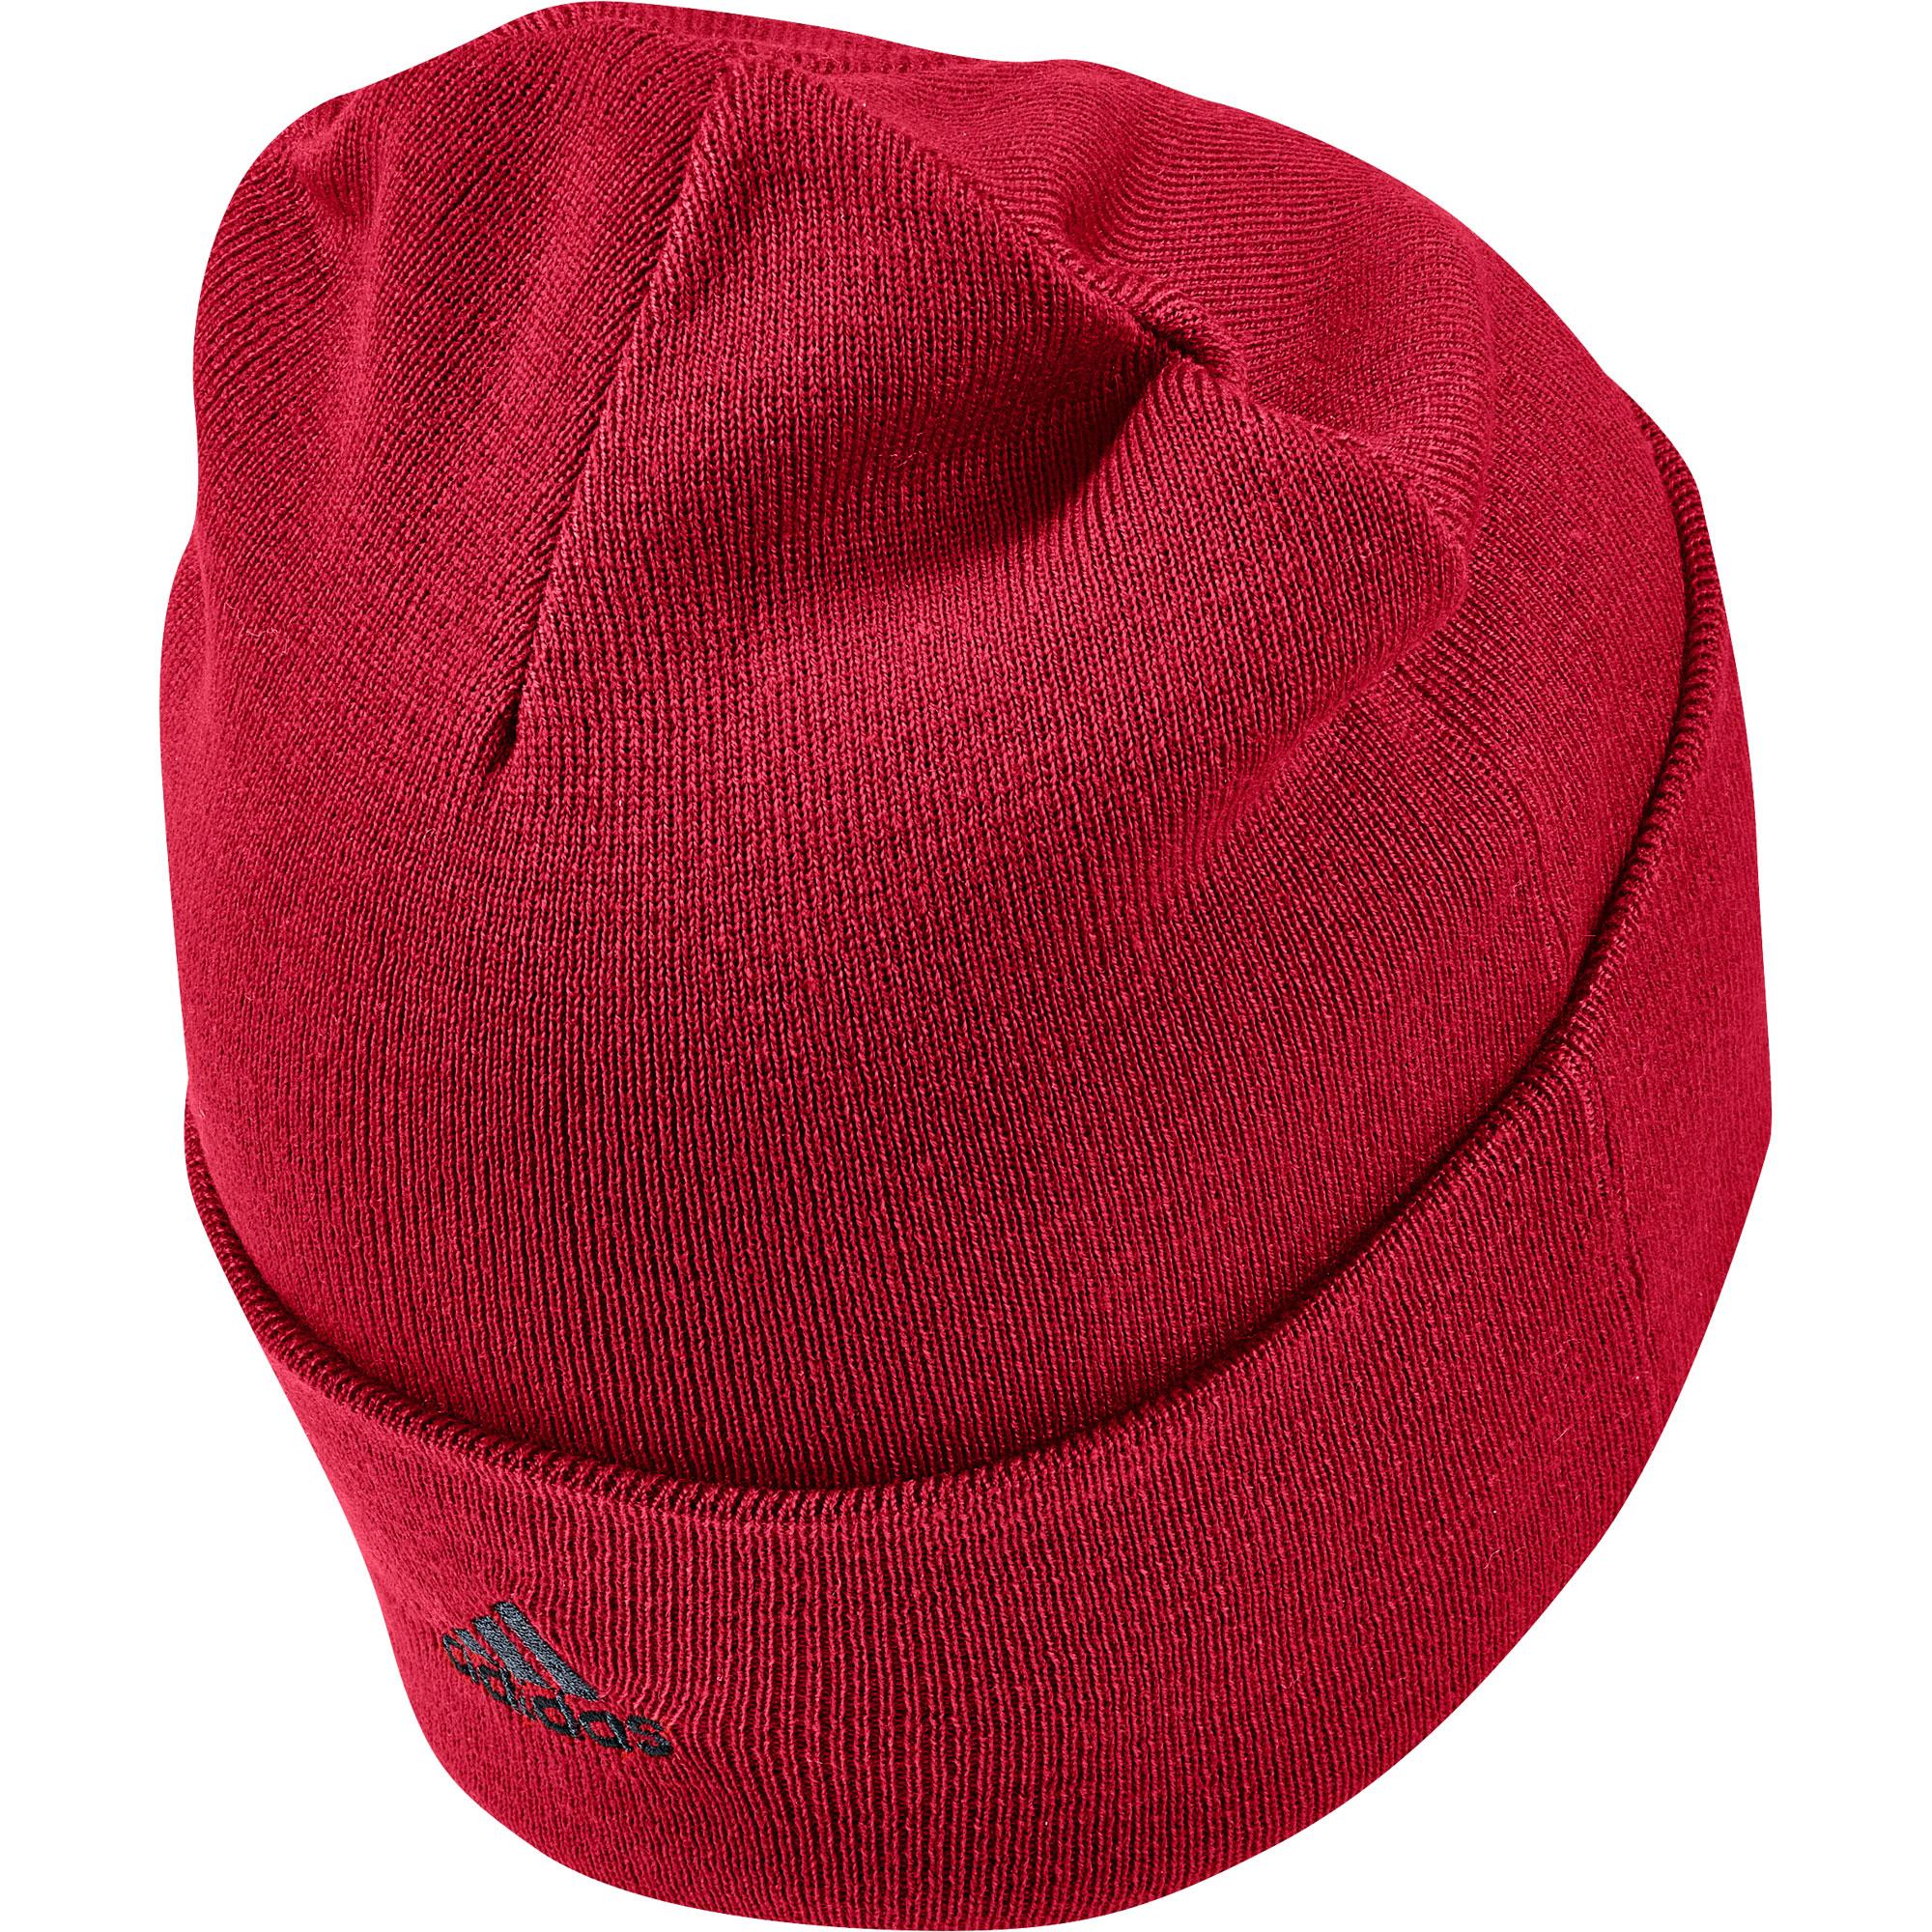 64adaaa1b Popis · Na stiahnutie · Podobný tovar. Adidas Manchester United zimná čiapka  ...